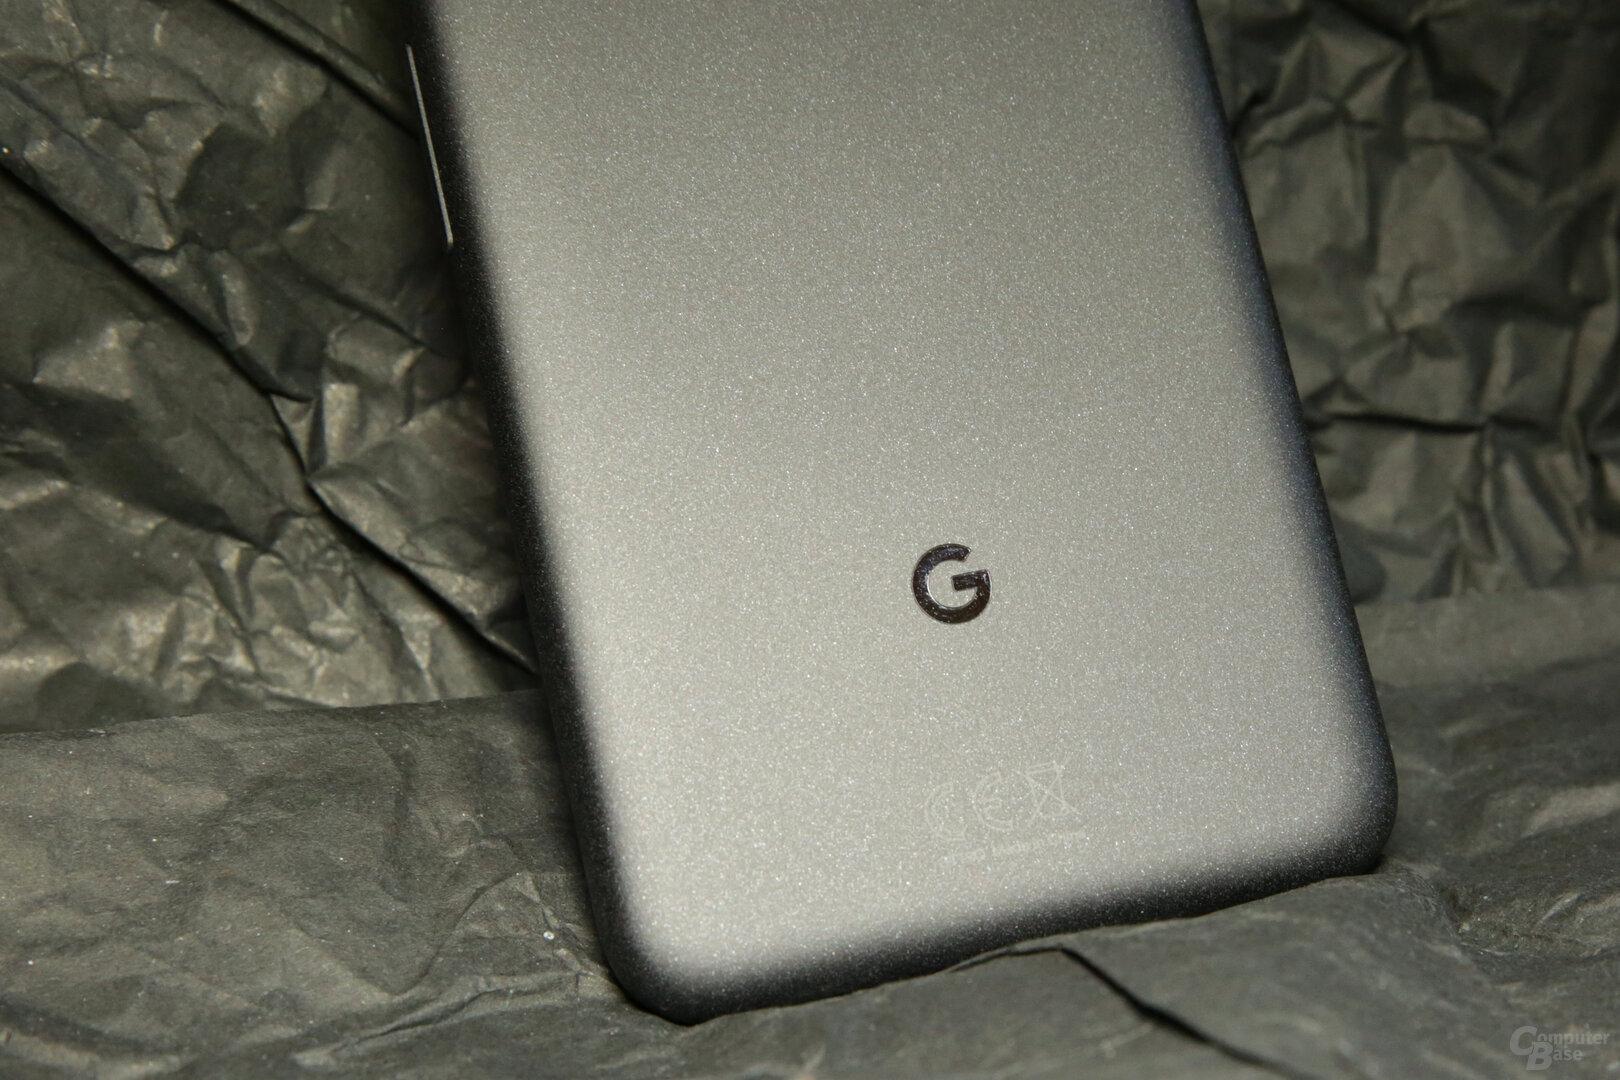 Dezentes Design mit auferauter Rückseite und kleinem Google-Logo